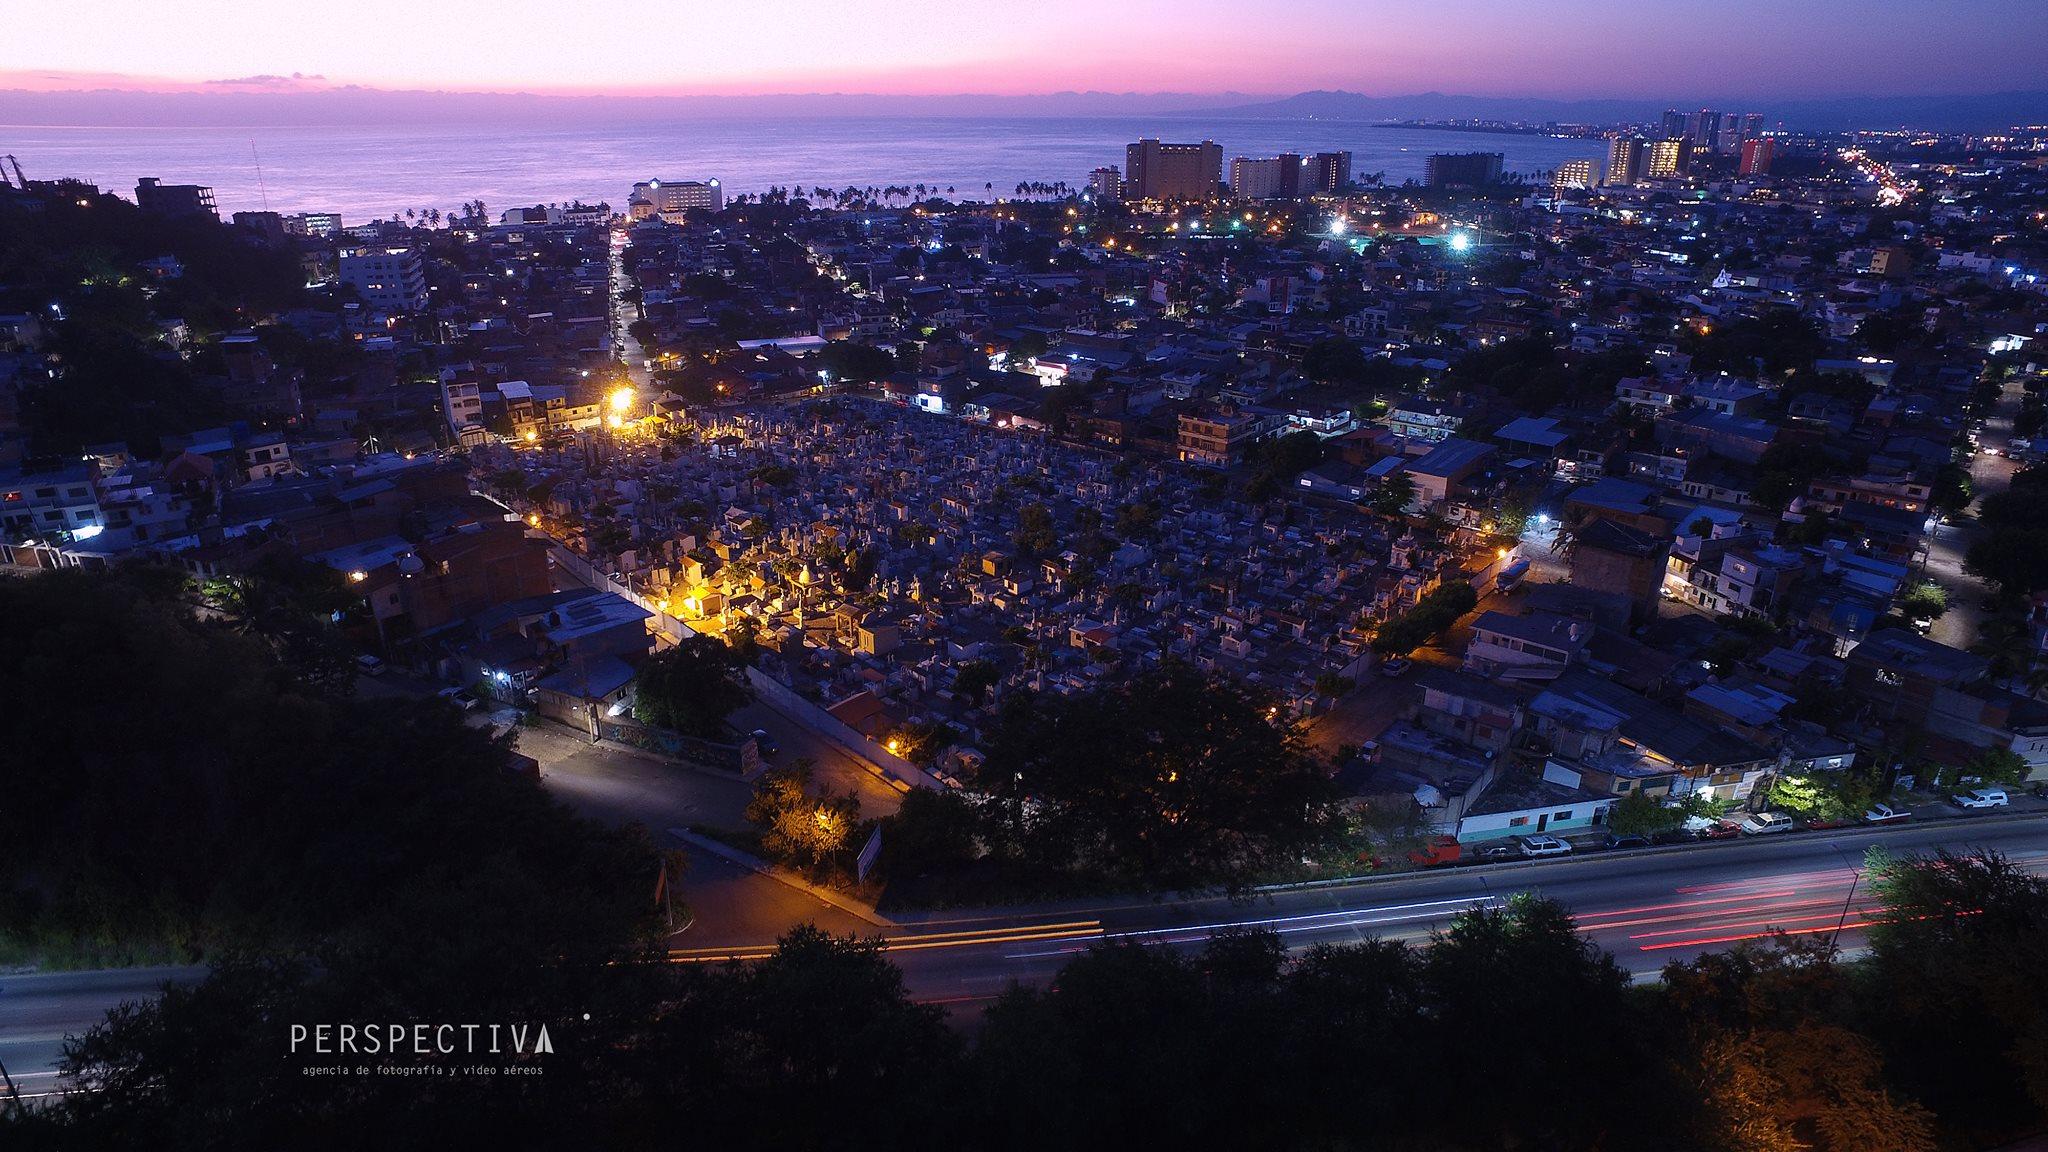 Dicho efecto se encuentra desde Bahía de Banderas hasta una parte de Oaxaca